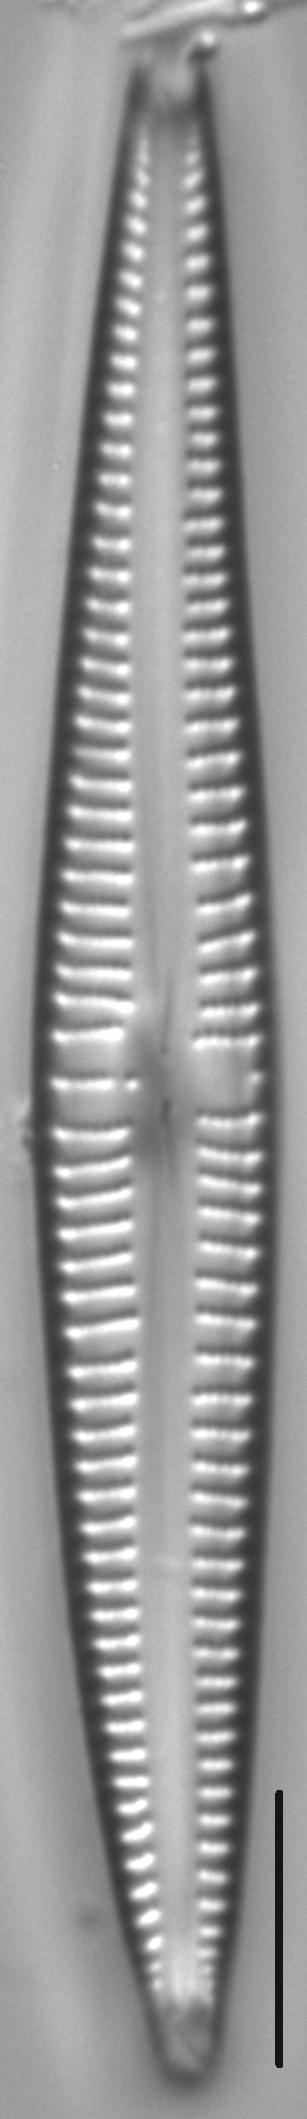 Kurtkrammeria Coxiae 459401 4